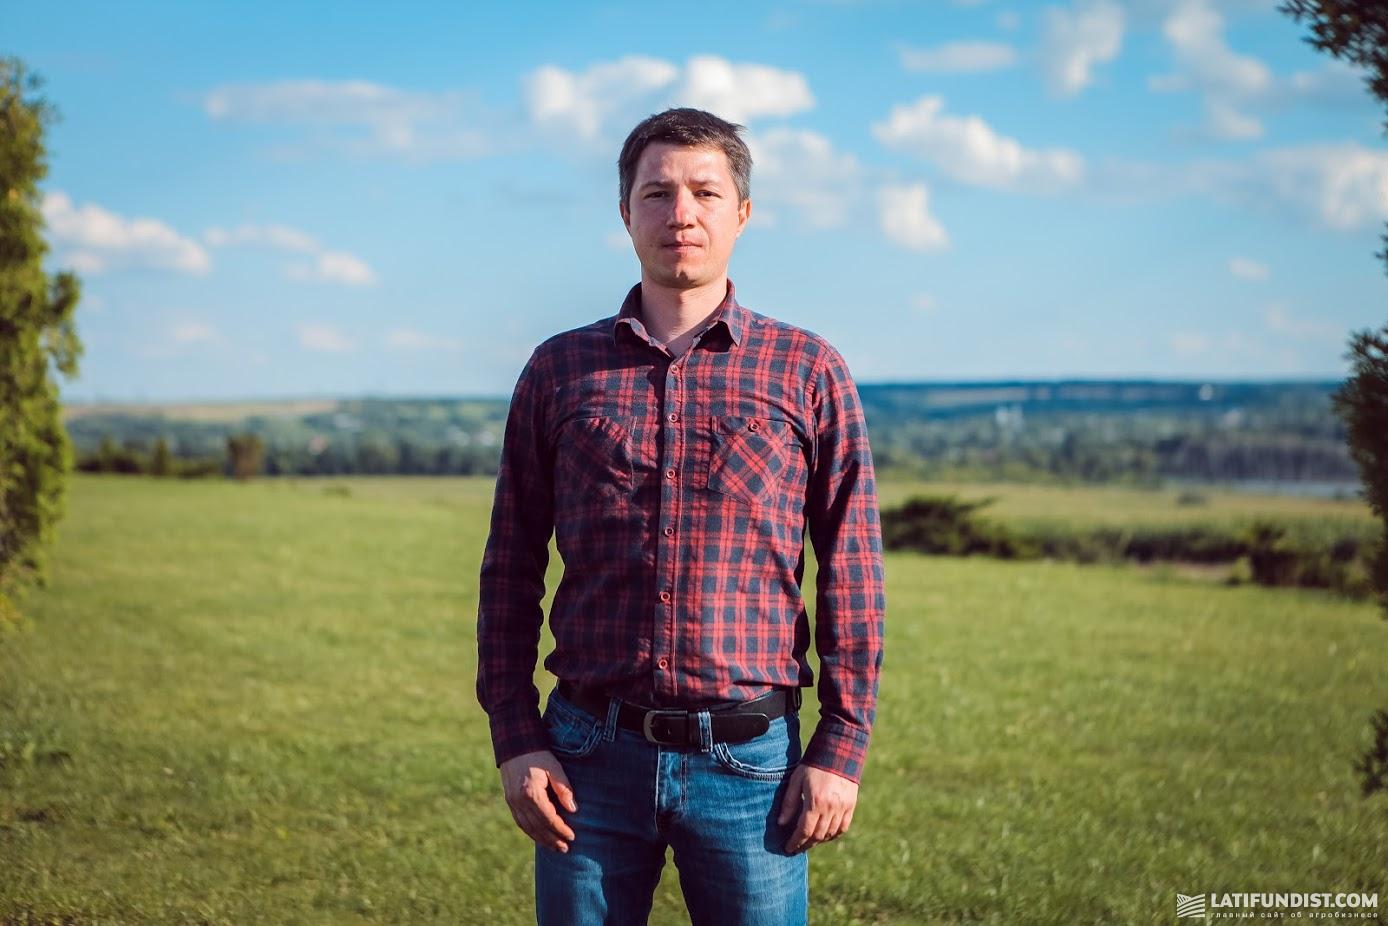 Александр Семенец, главный эколог МХП